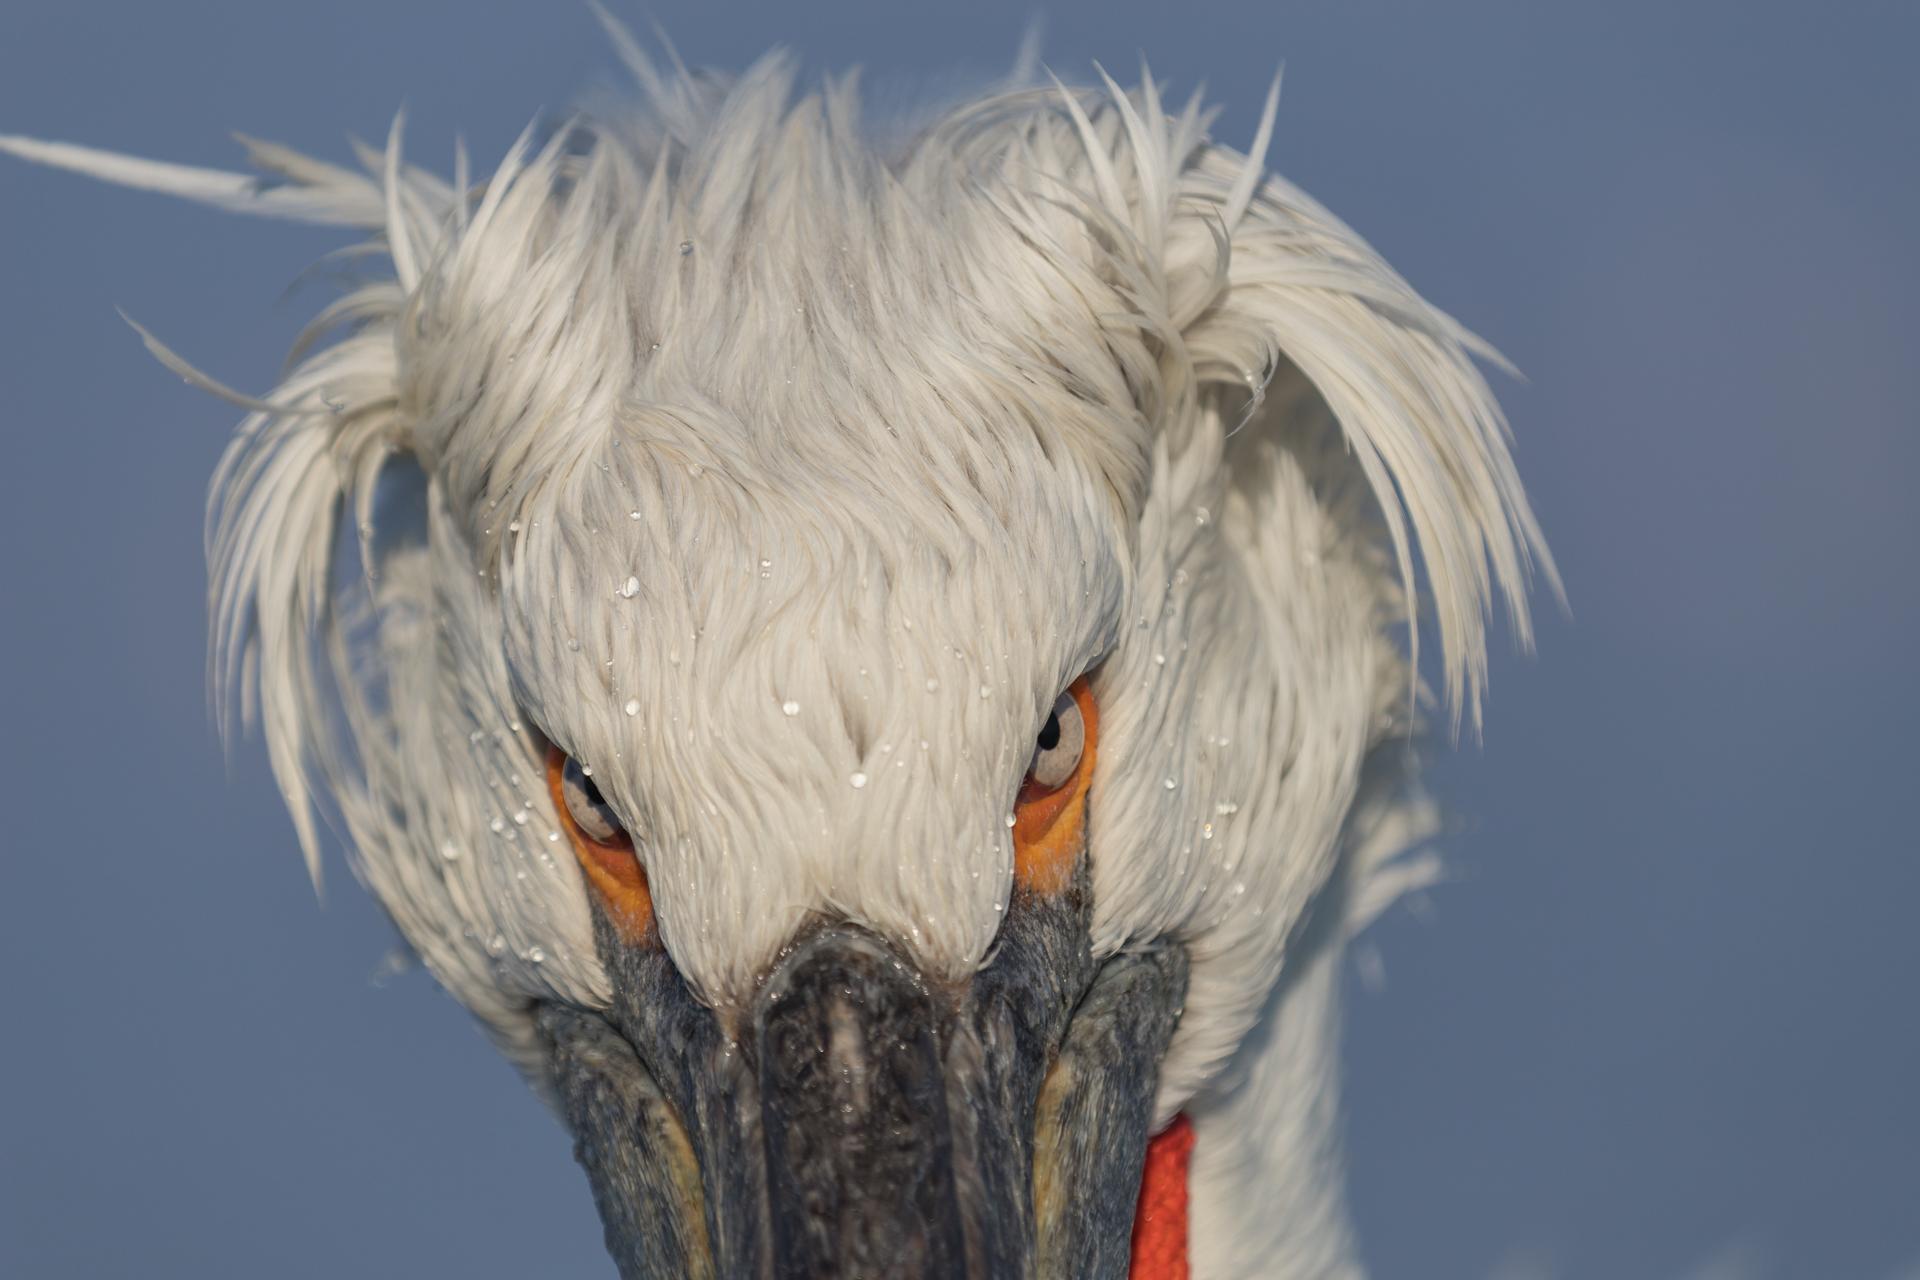 Pelikany kędzierzawe / Dalmatian pelicans, Kerkini Lake 2018 - 10